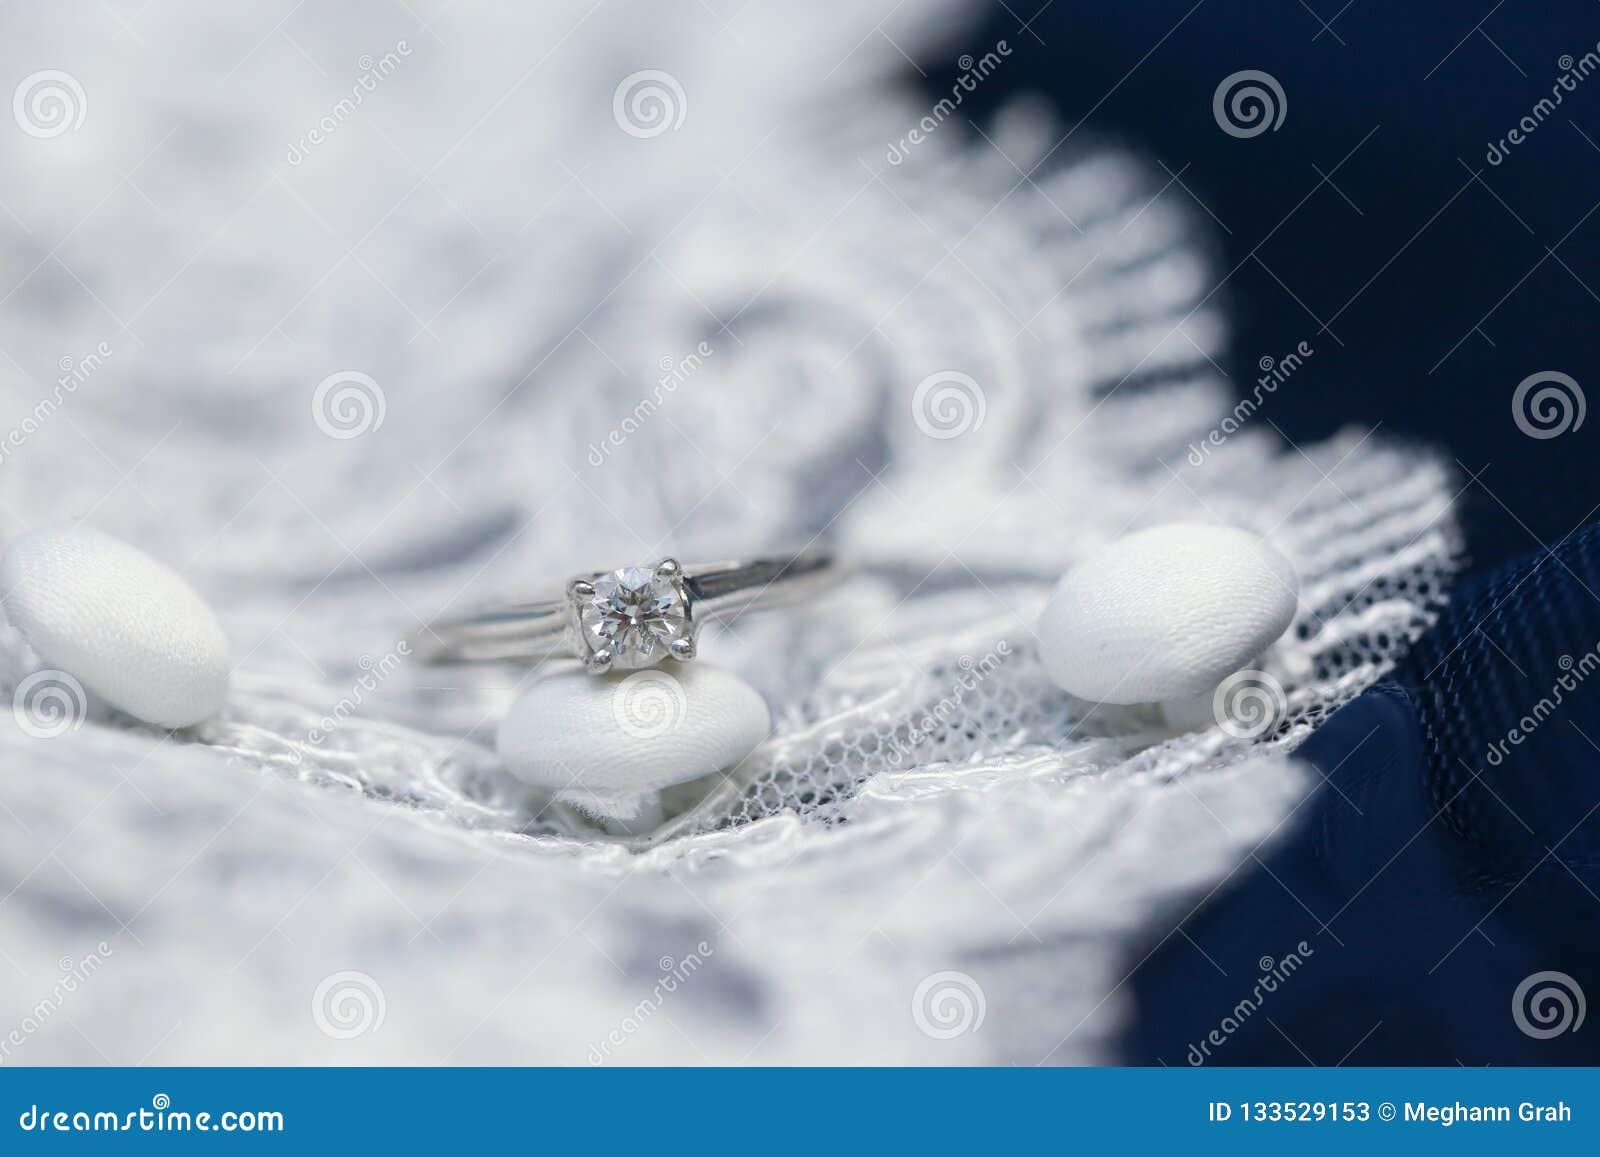 Diamond Wedding Ring On Lace Wedding Dress Stock Image Image Of